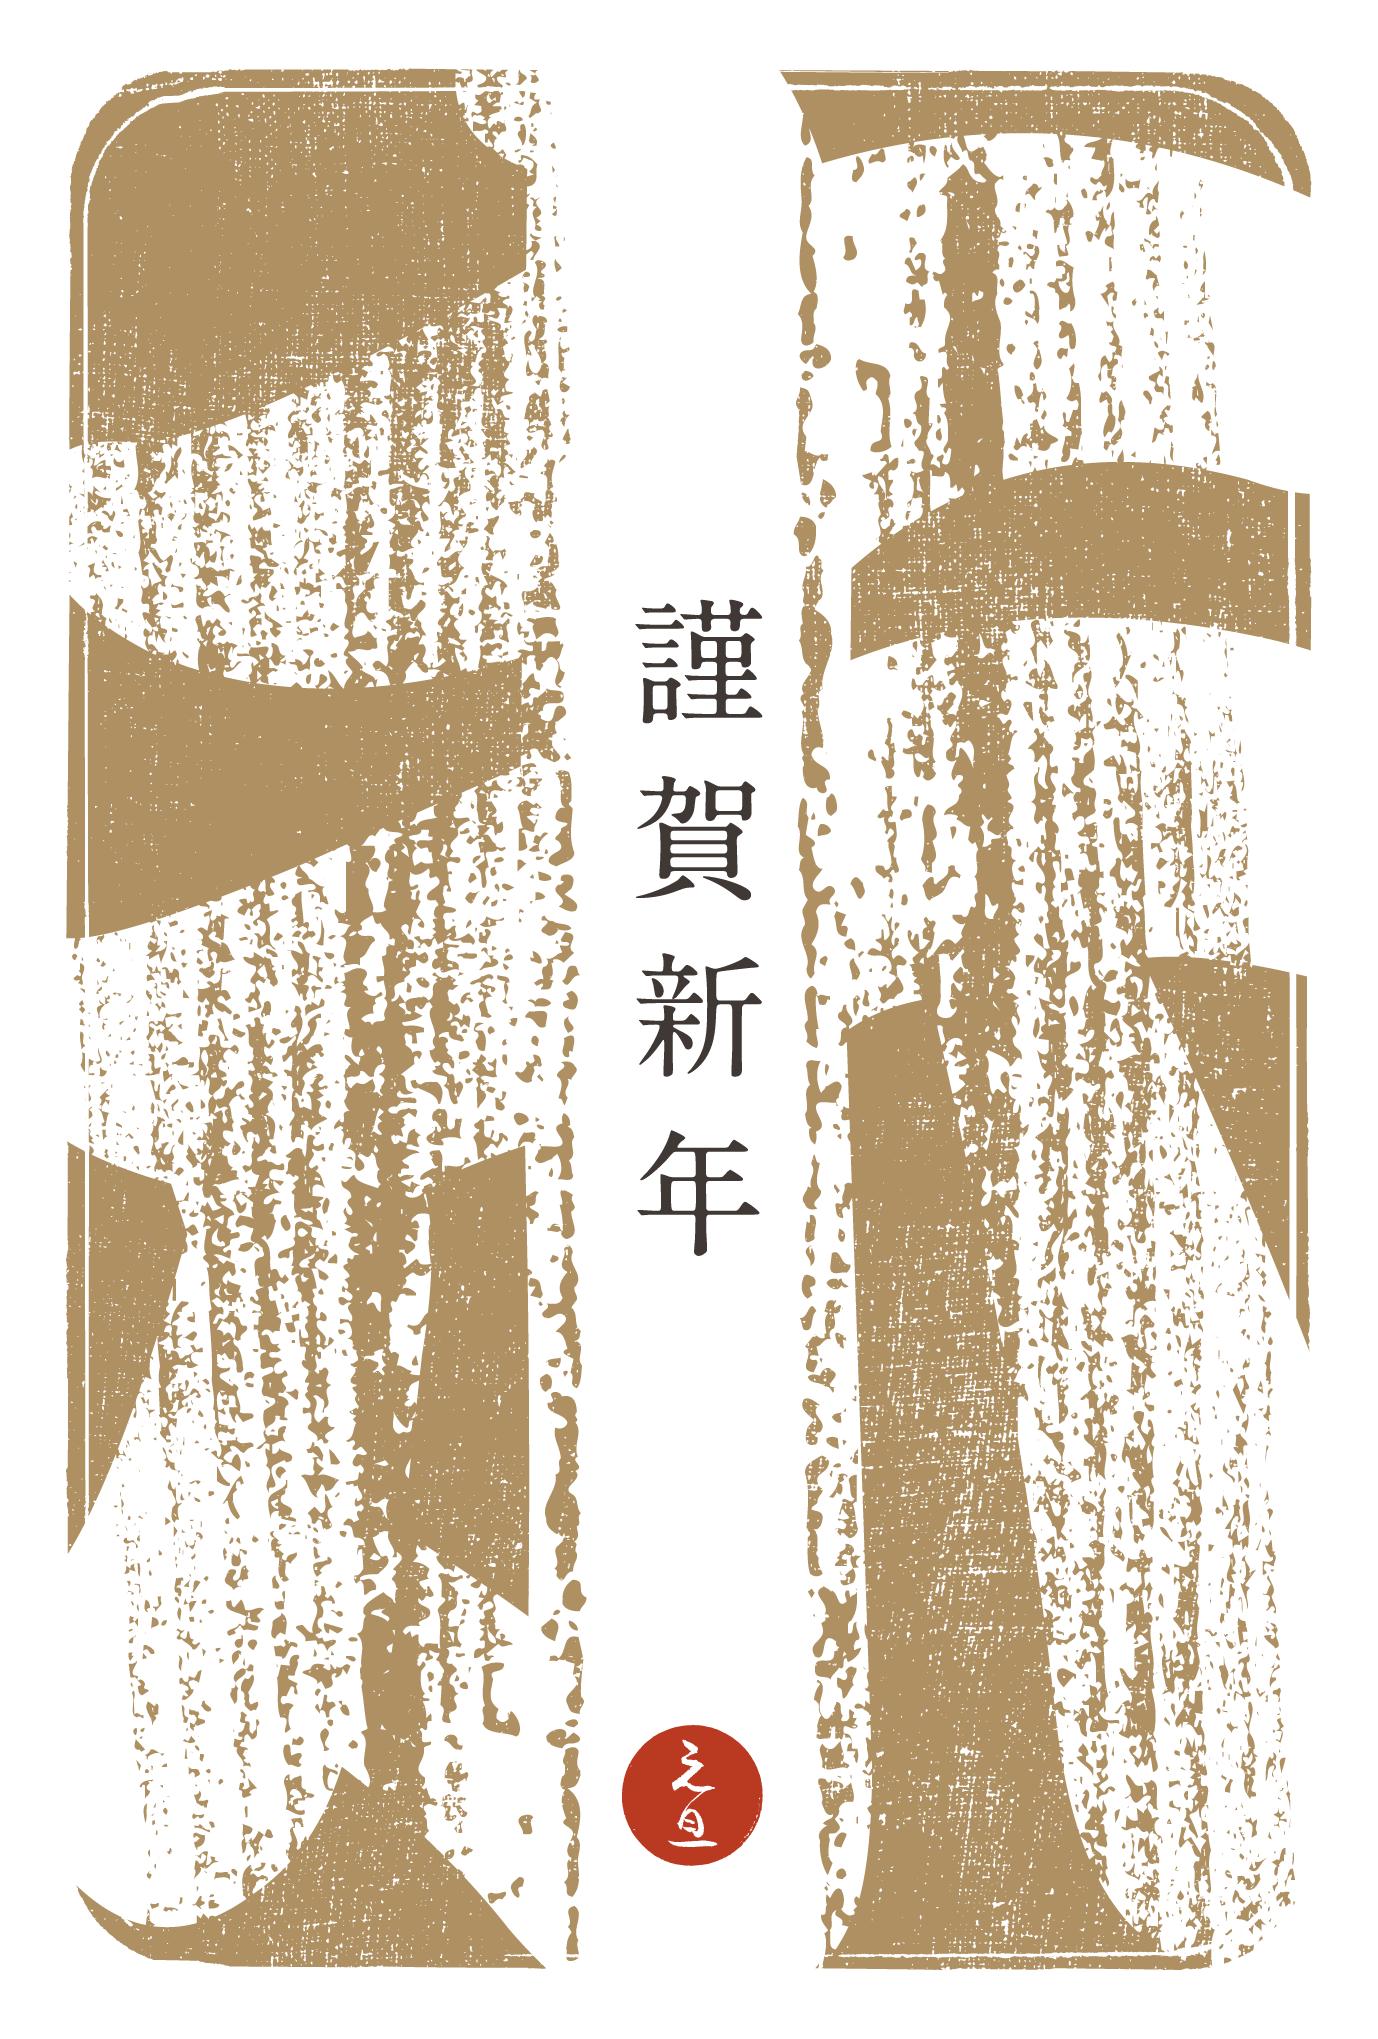 2015年賀状04-2:江戸勘亭流(羊)榛色のダウンロード画像